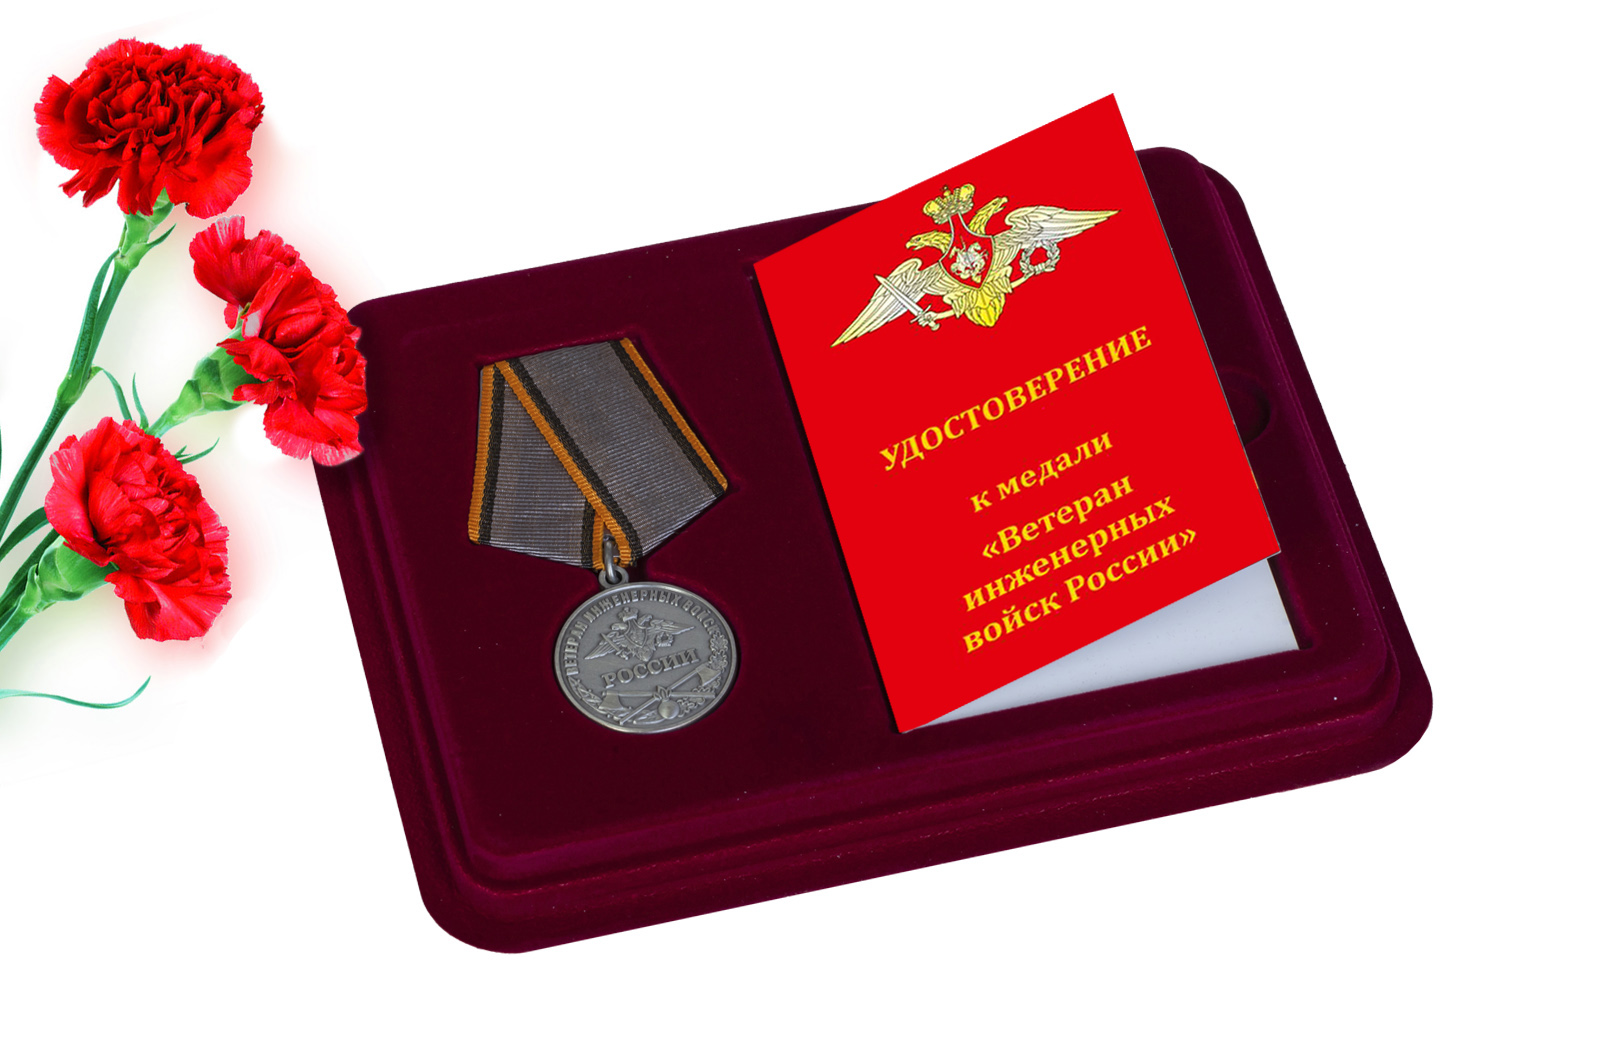 Купить общественную медаль Ветеран Инженерных войск по экономичной цене